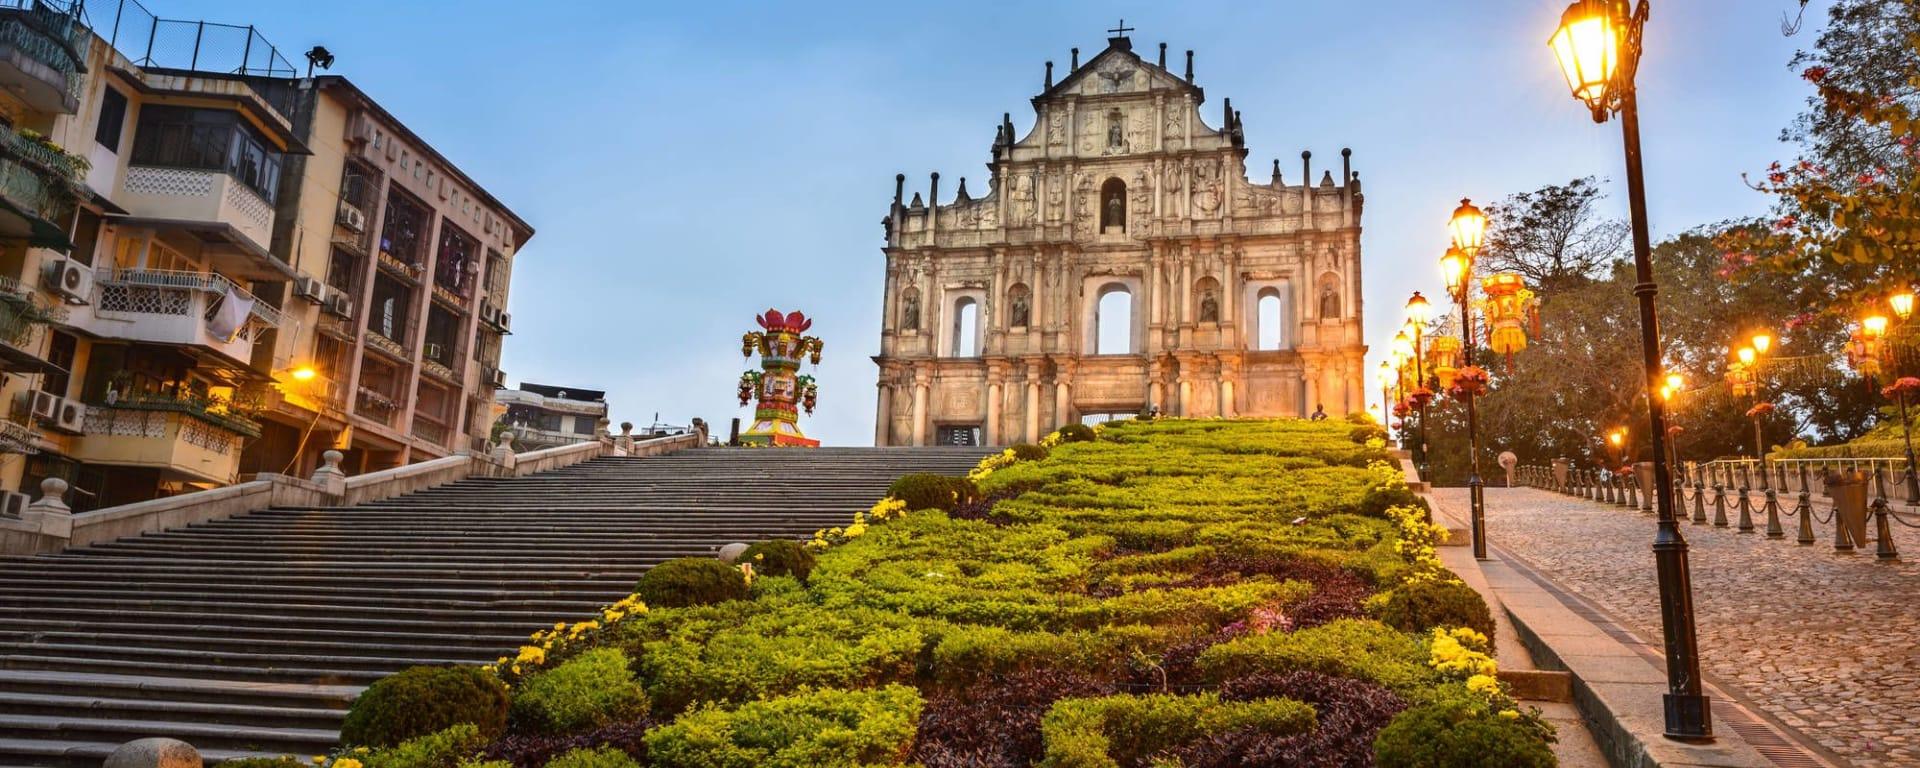 Wissenswertes zu Macau Reisen und Ferien: Ruins of St. Paul's